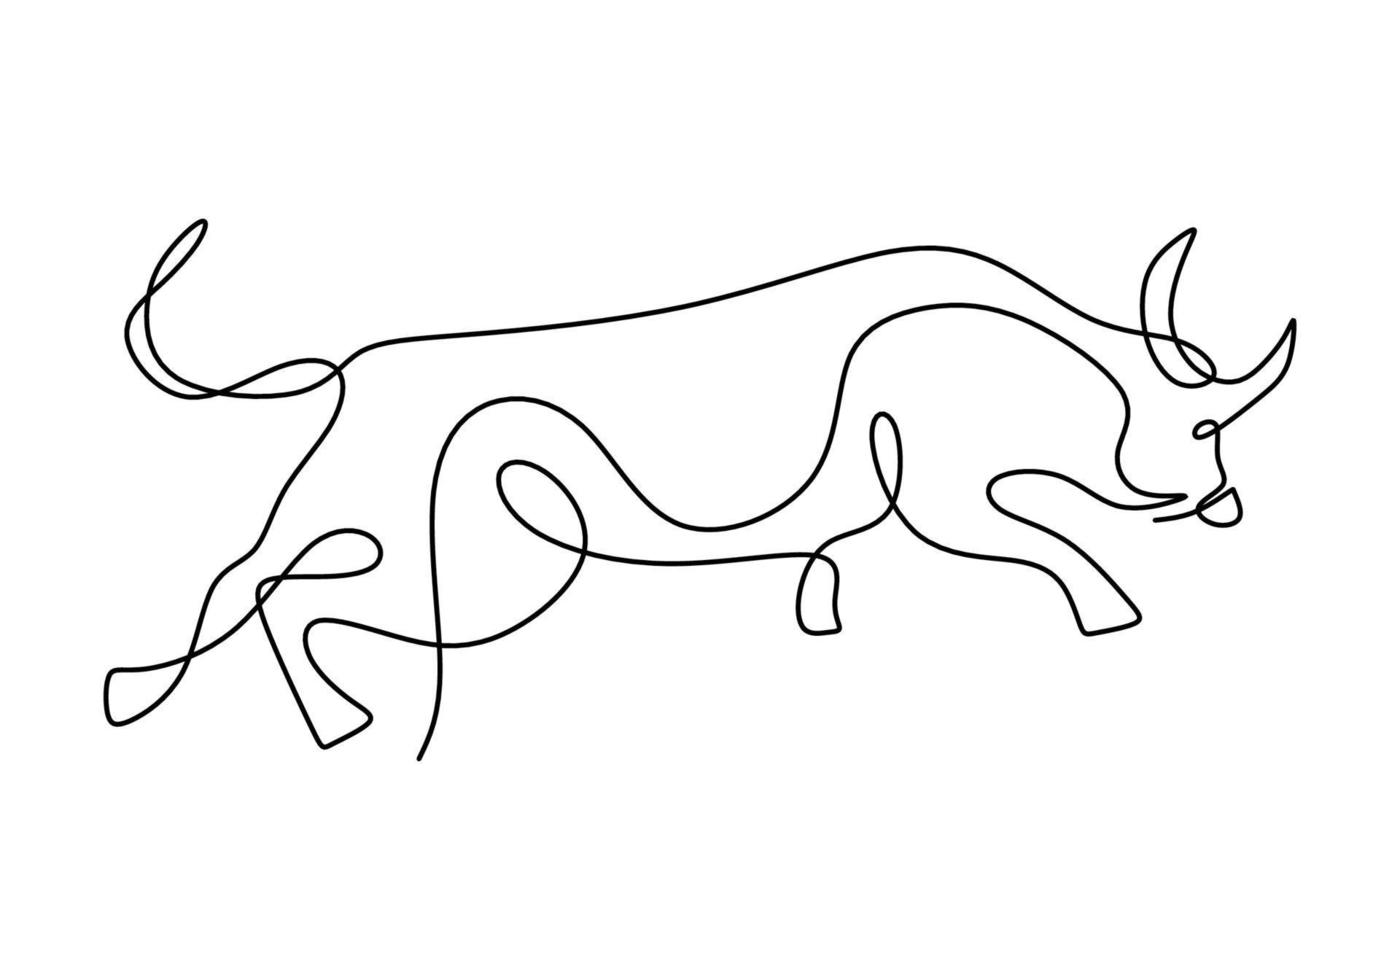 dessin continu d'un symbole de taureau de 2021. année du bœuf dessiné dans un style minimaliste moderne isolé sur fond blanc. résumé, bœuf, taureau, vache. bonne année 2021. illustration vectorielle vecteur